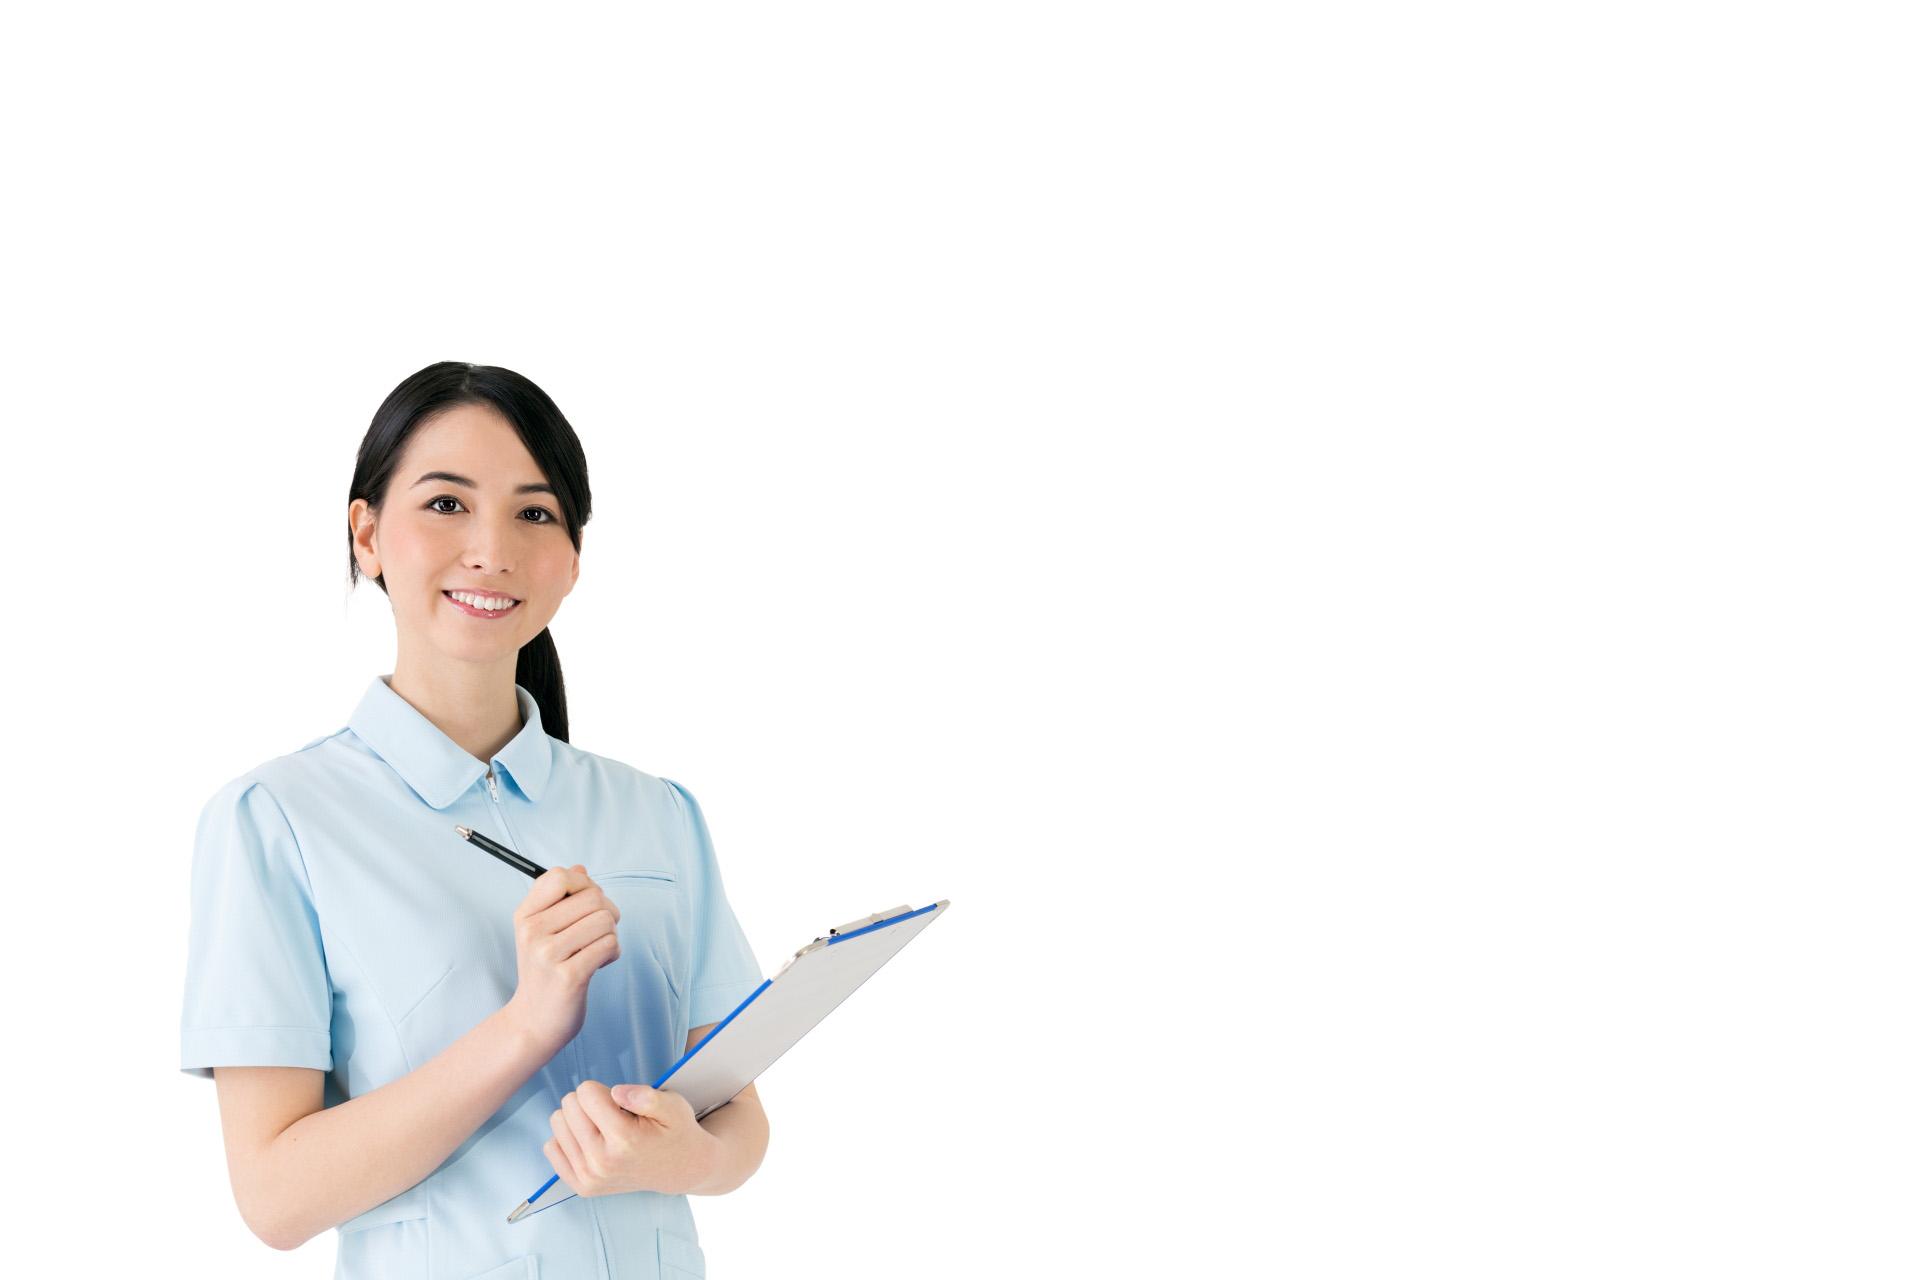 介護福祉士の実務者研修なら東京都北区「くるみ福祉カレッジ」へ